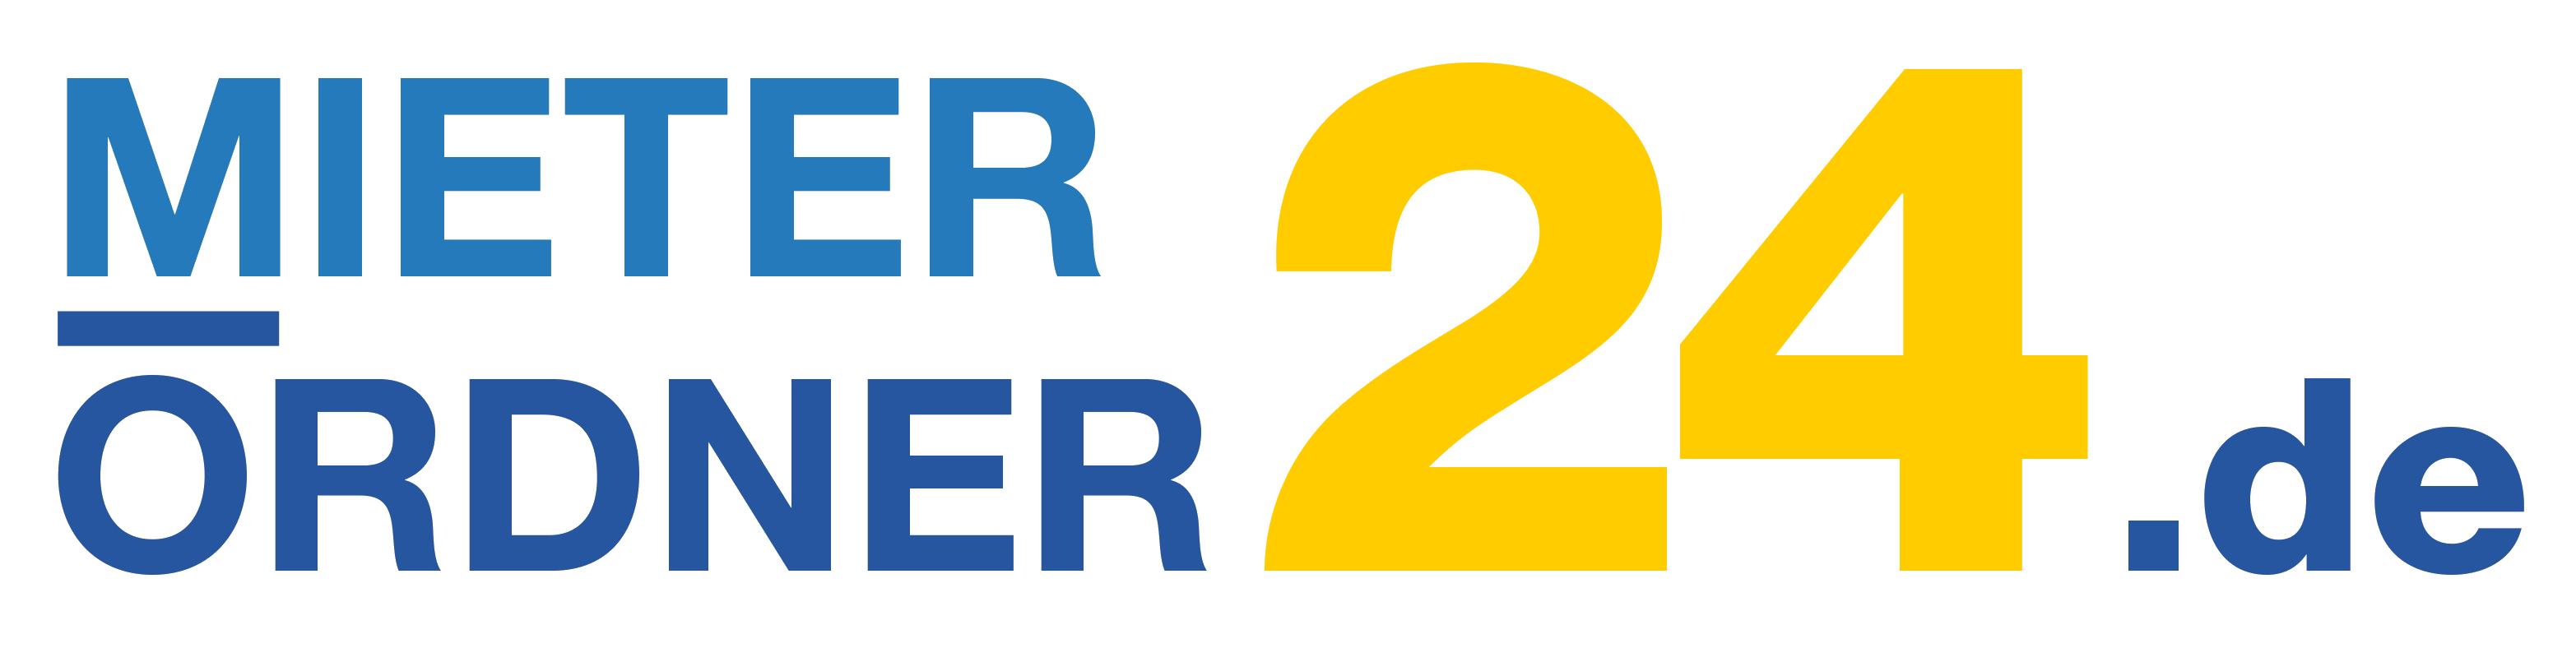 Mieterordner24.de – individuelle gestaltete Ordner und Register